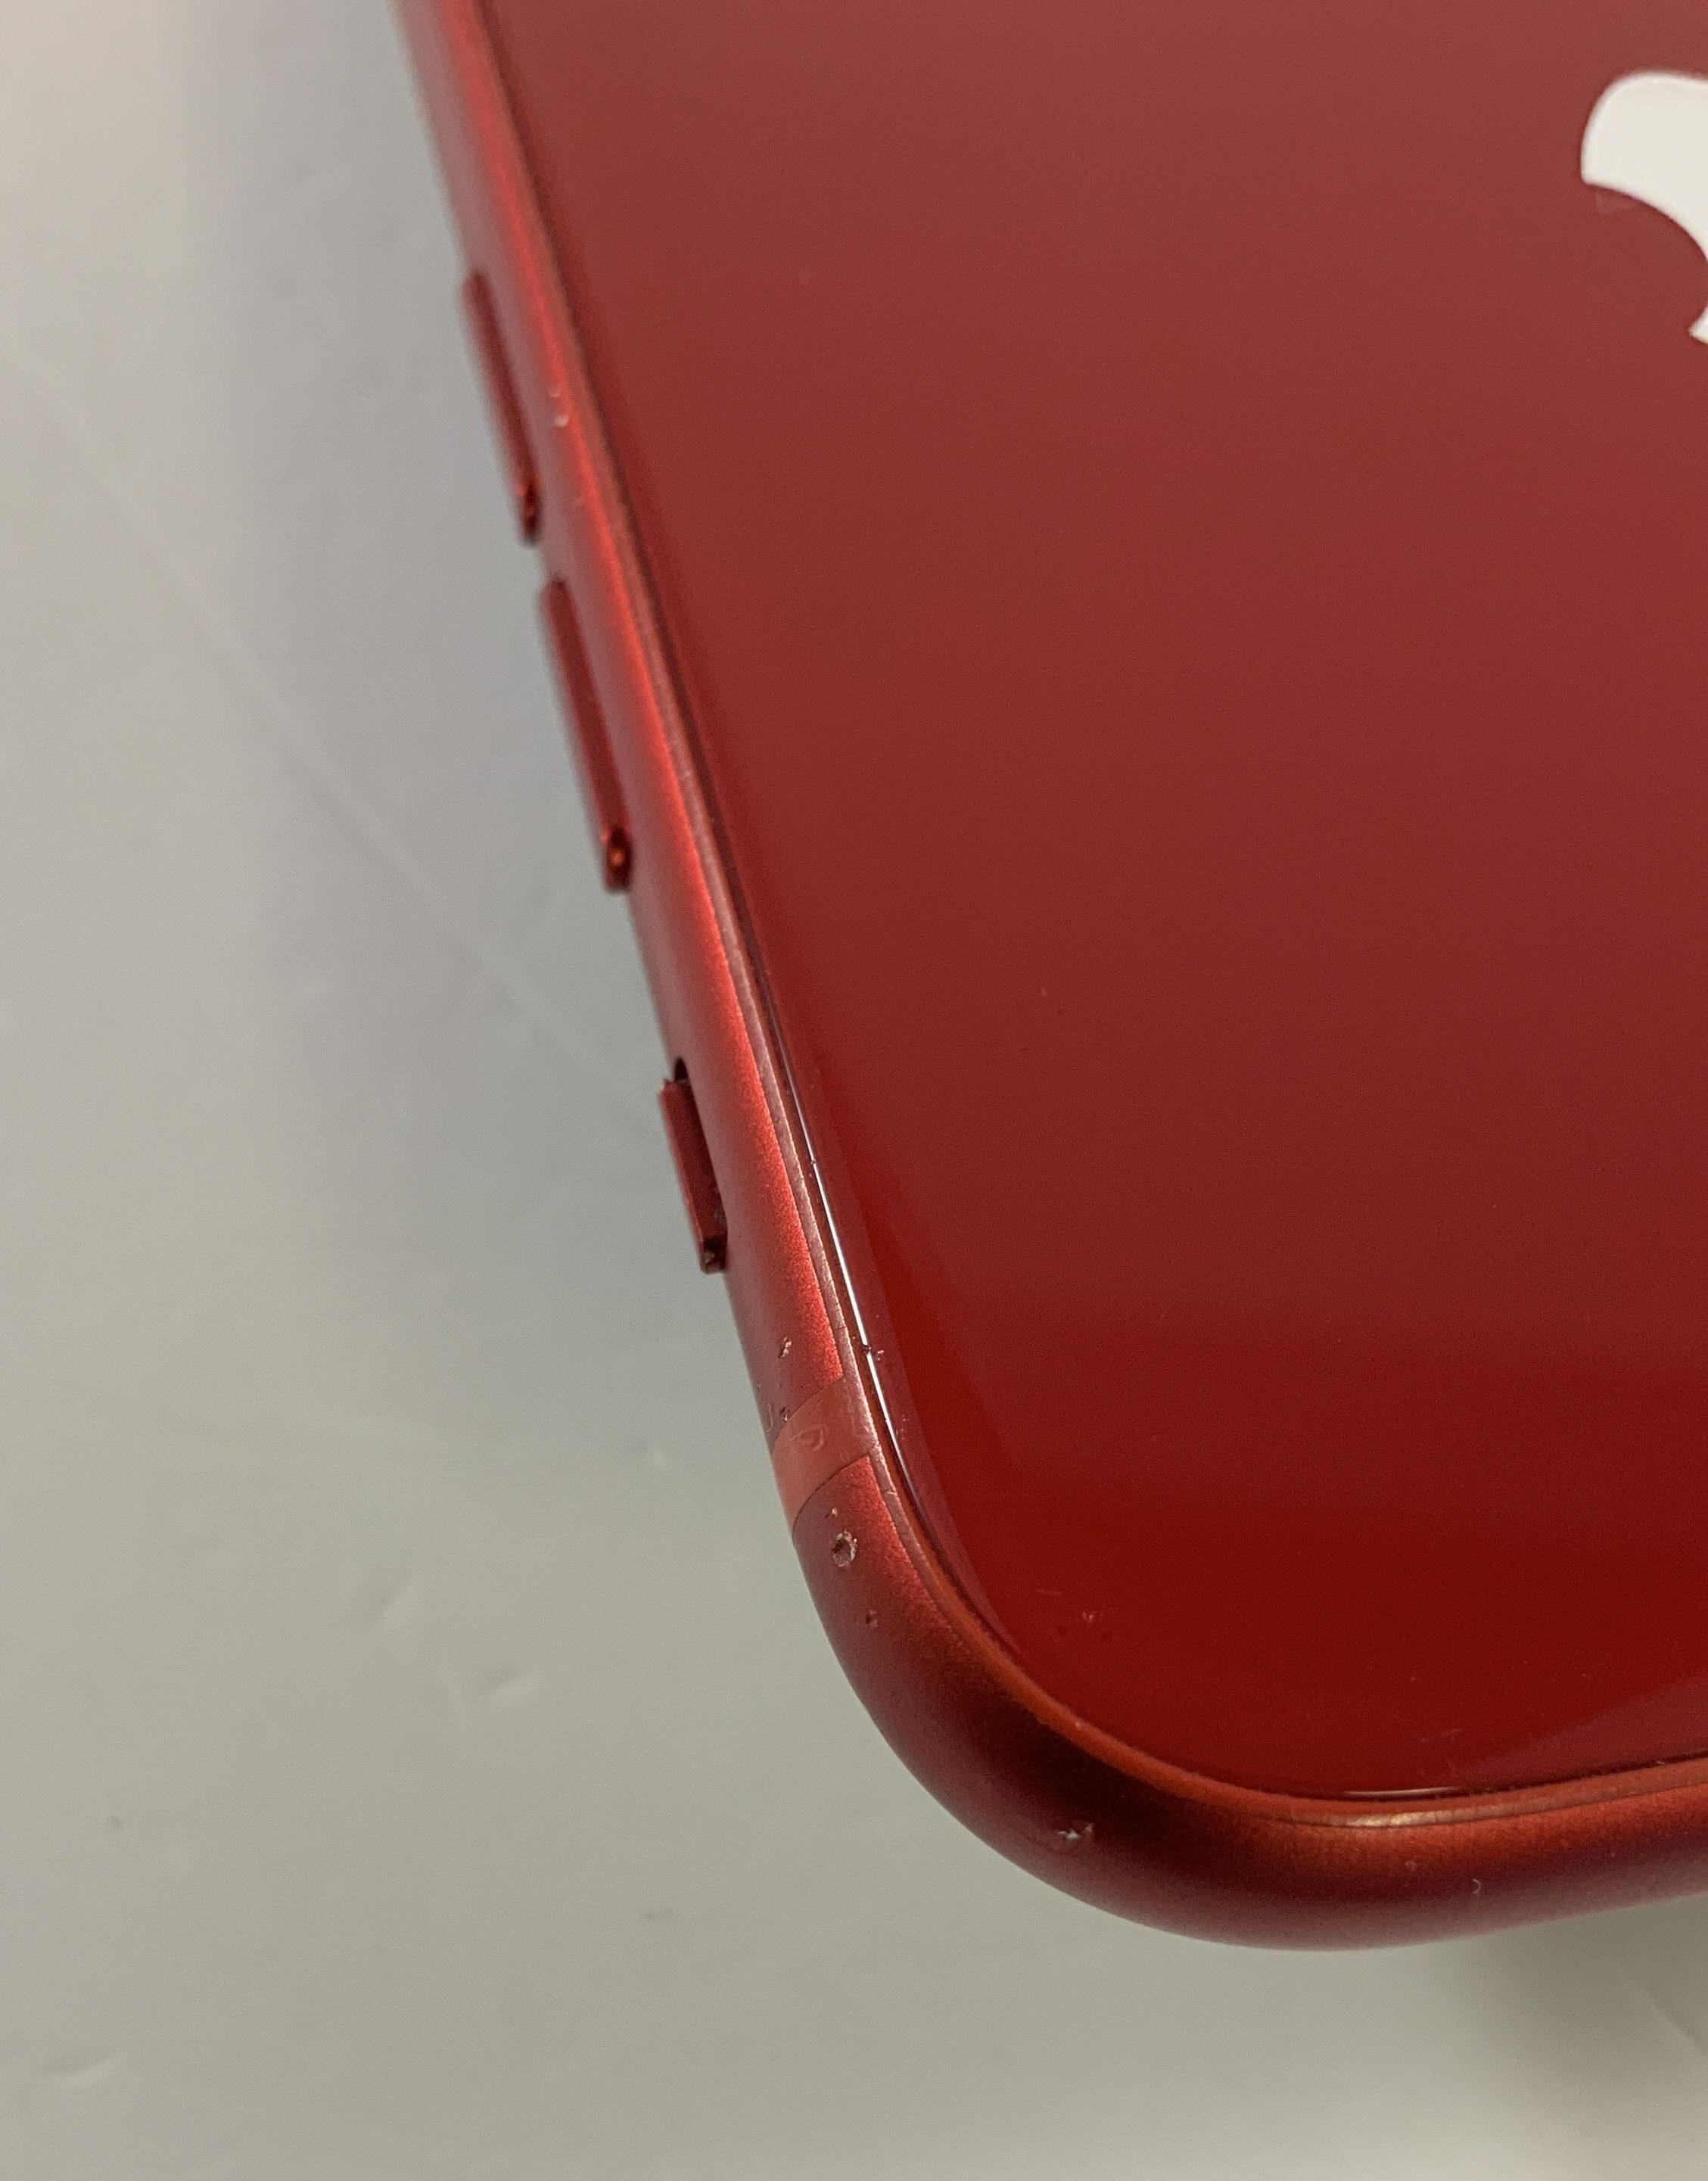 iPhone 8 Plus 64GB, 64GB, Red, imagen 4